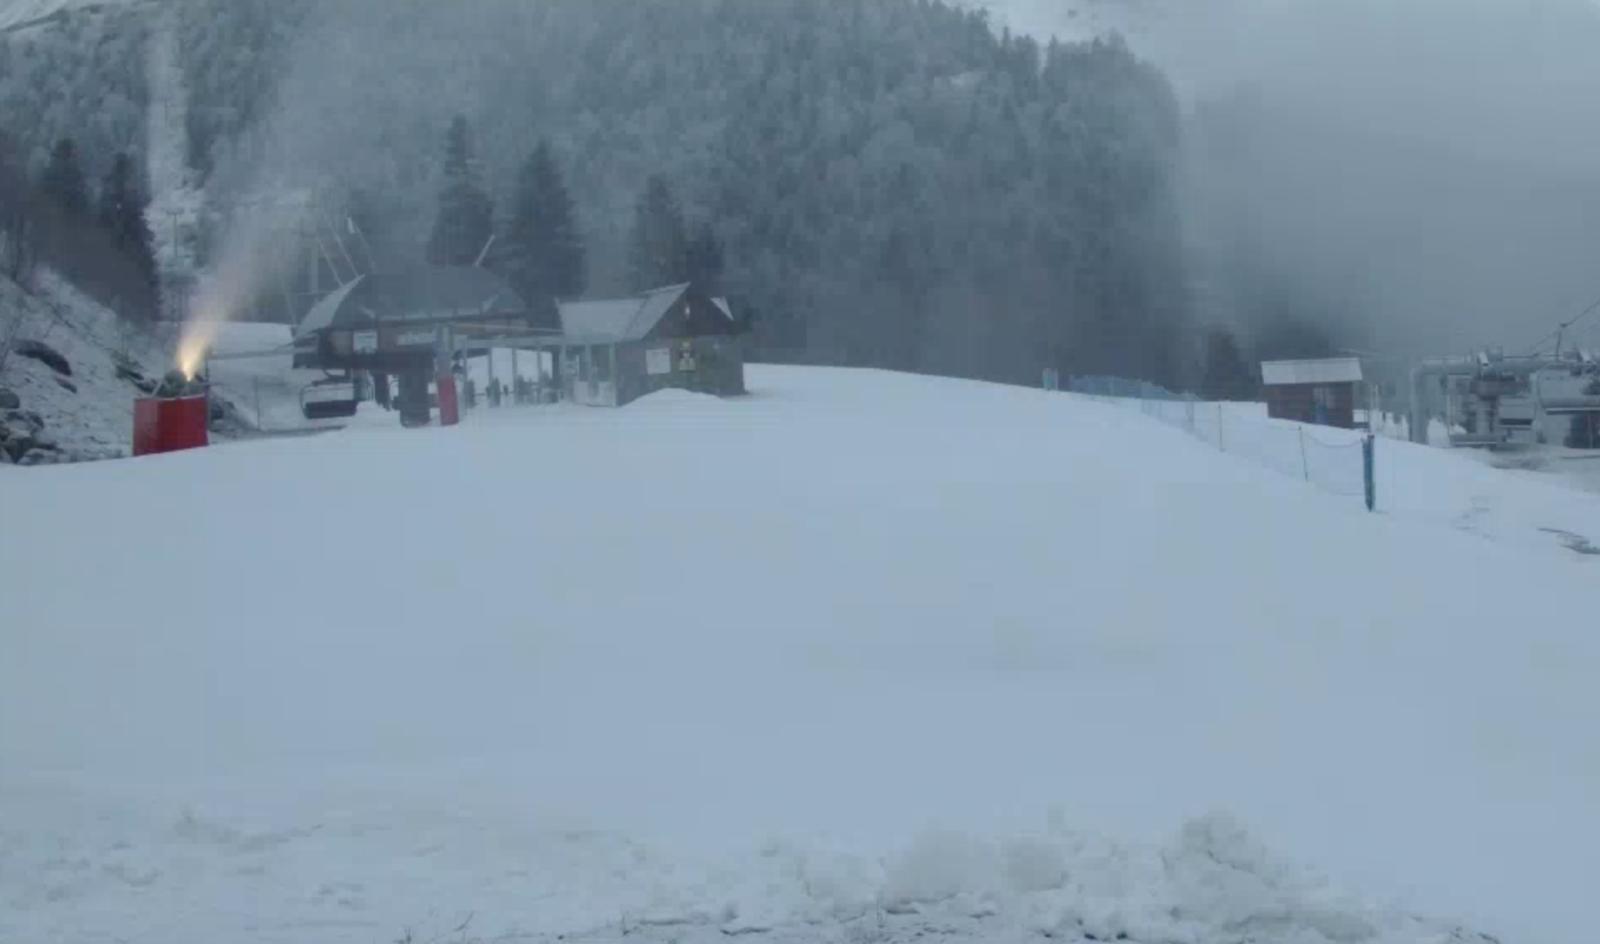 Luchon-Superbagnères : bienvenue la neige !